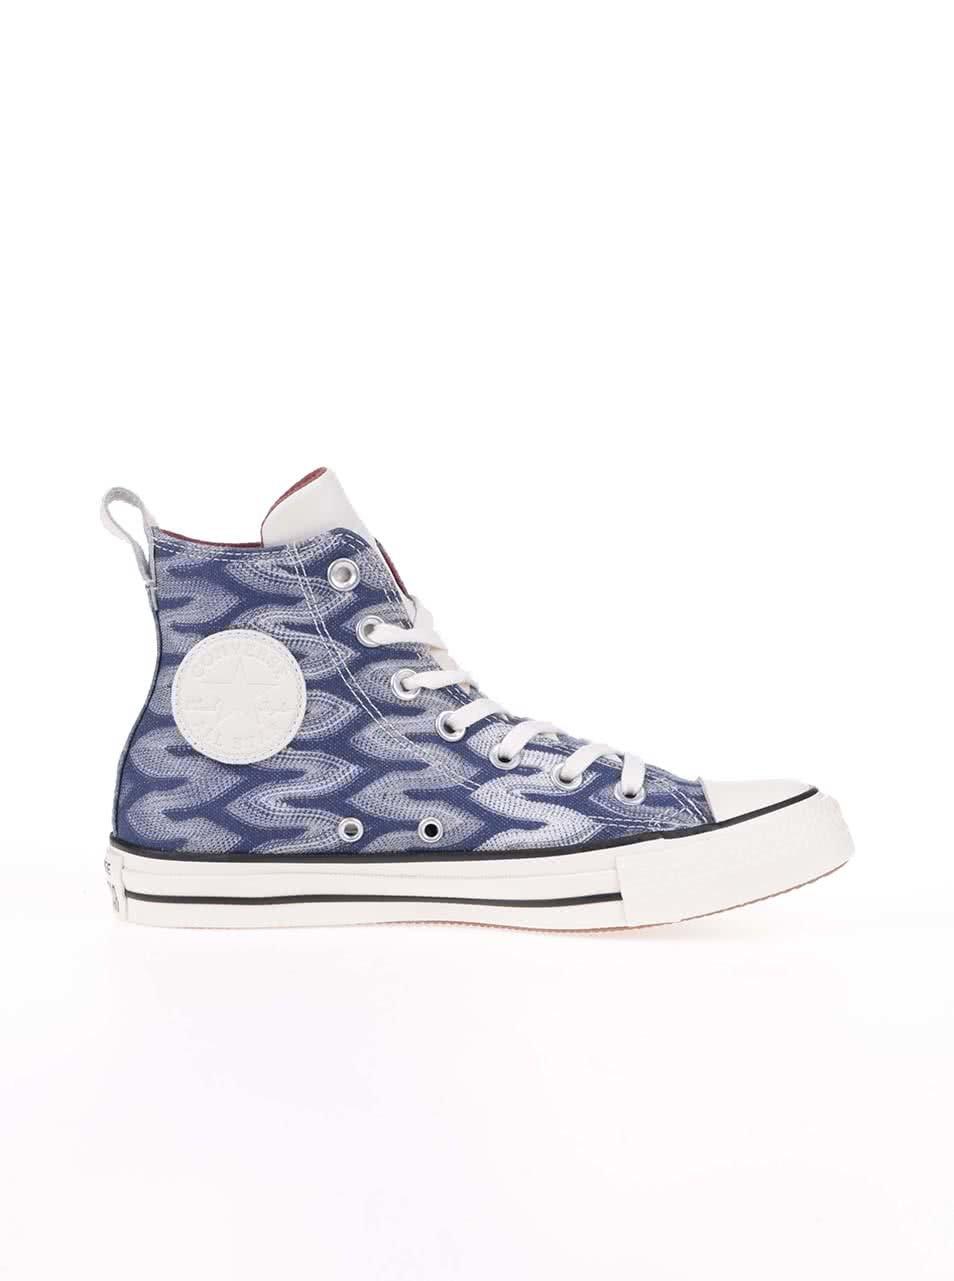 704beda47a2 Modro-bílé vzorované unisex tenisky Converse Chuck Taylor All Star ...